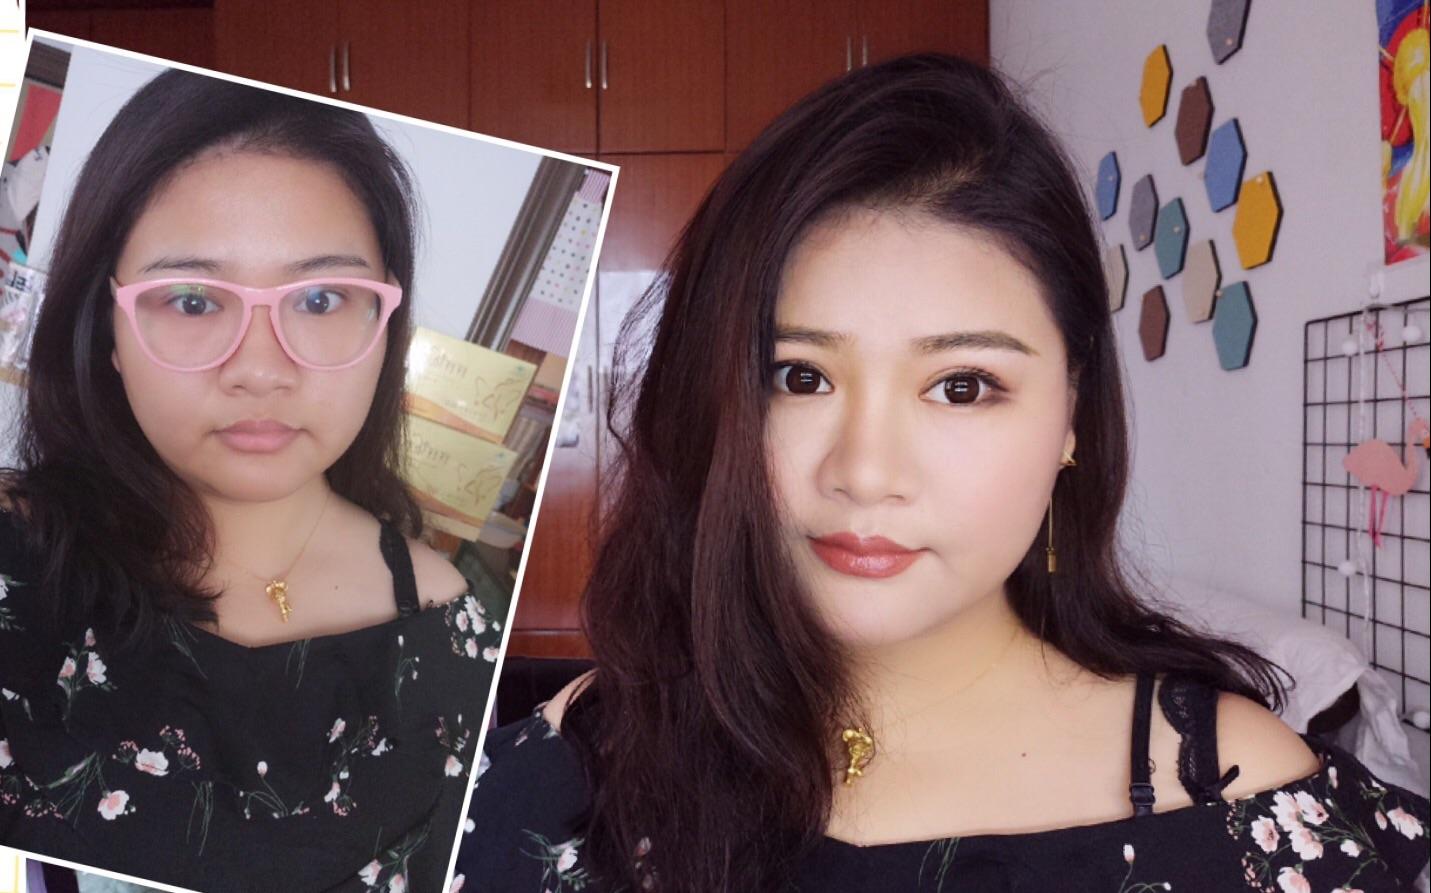 长得像泰国人如何化了妆更像泰国人!噔噔三分钟泰妆来袭!